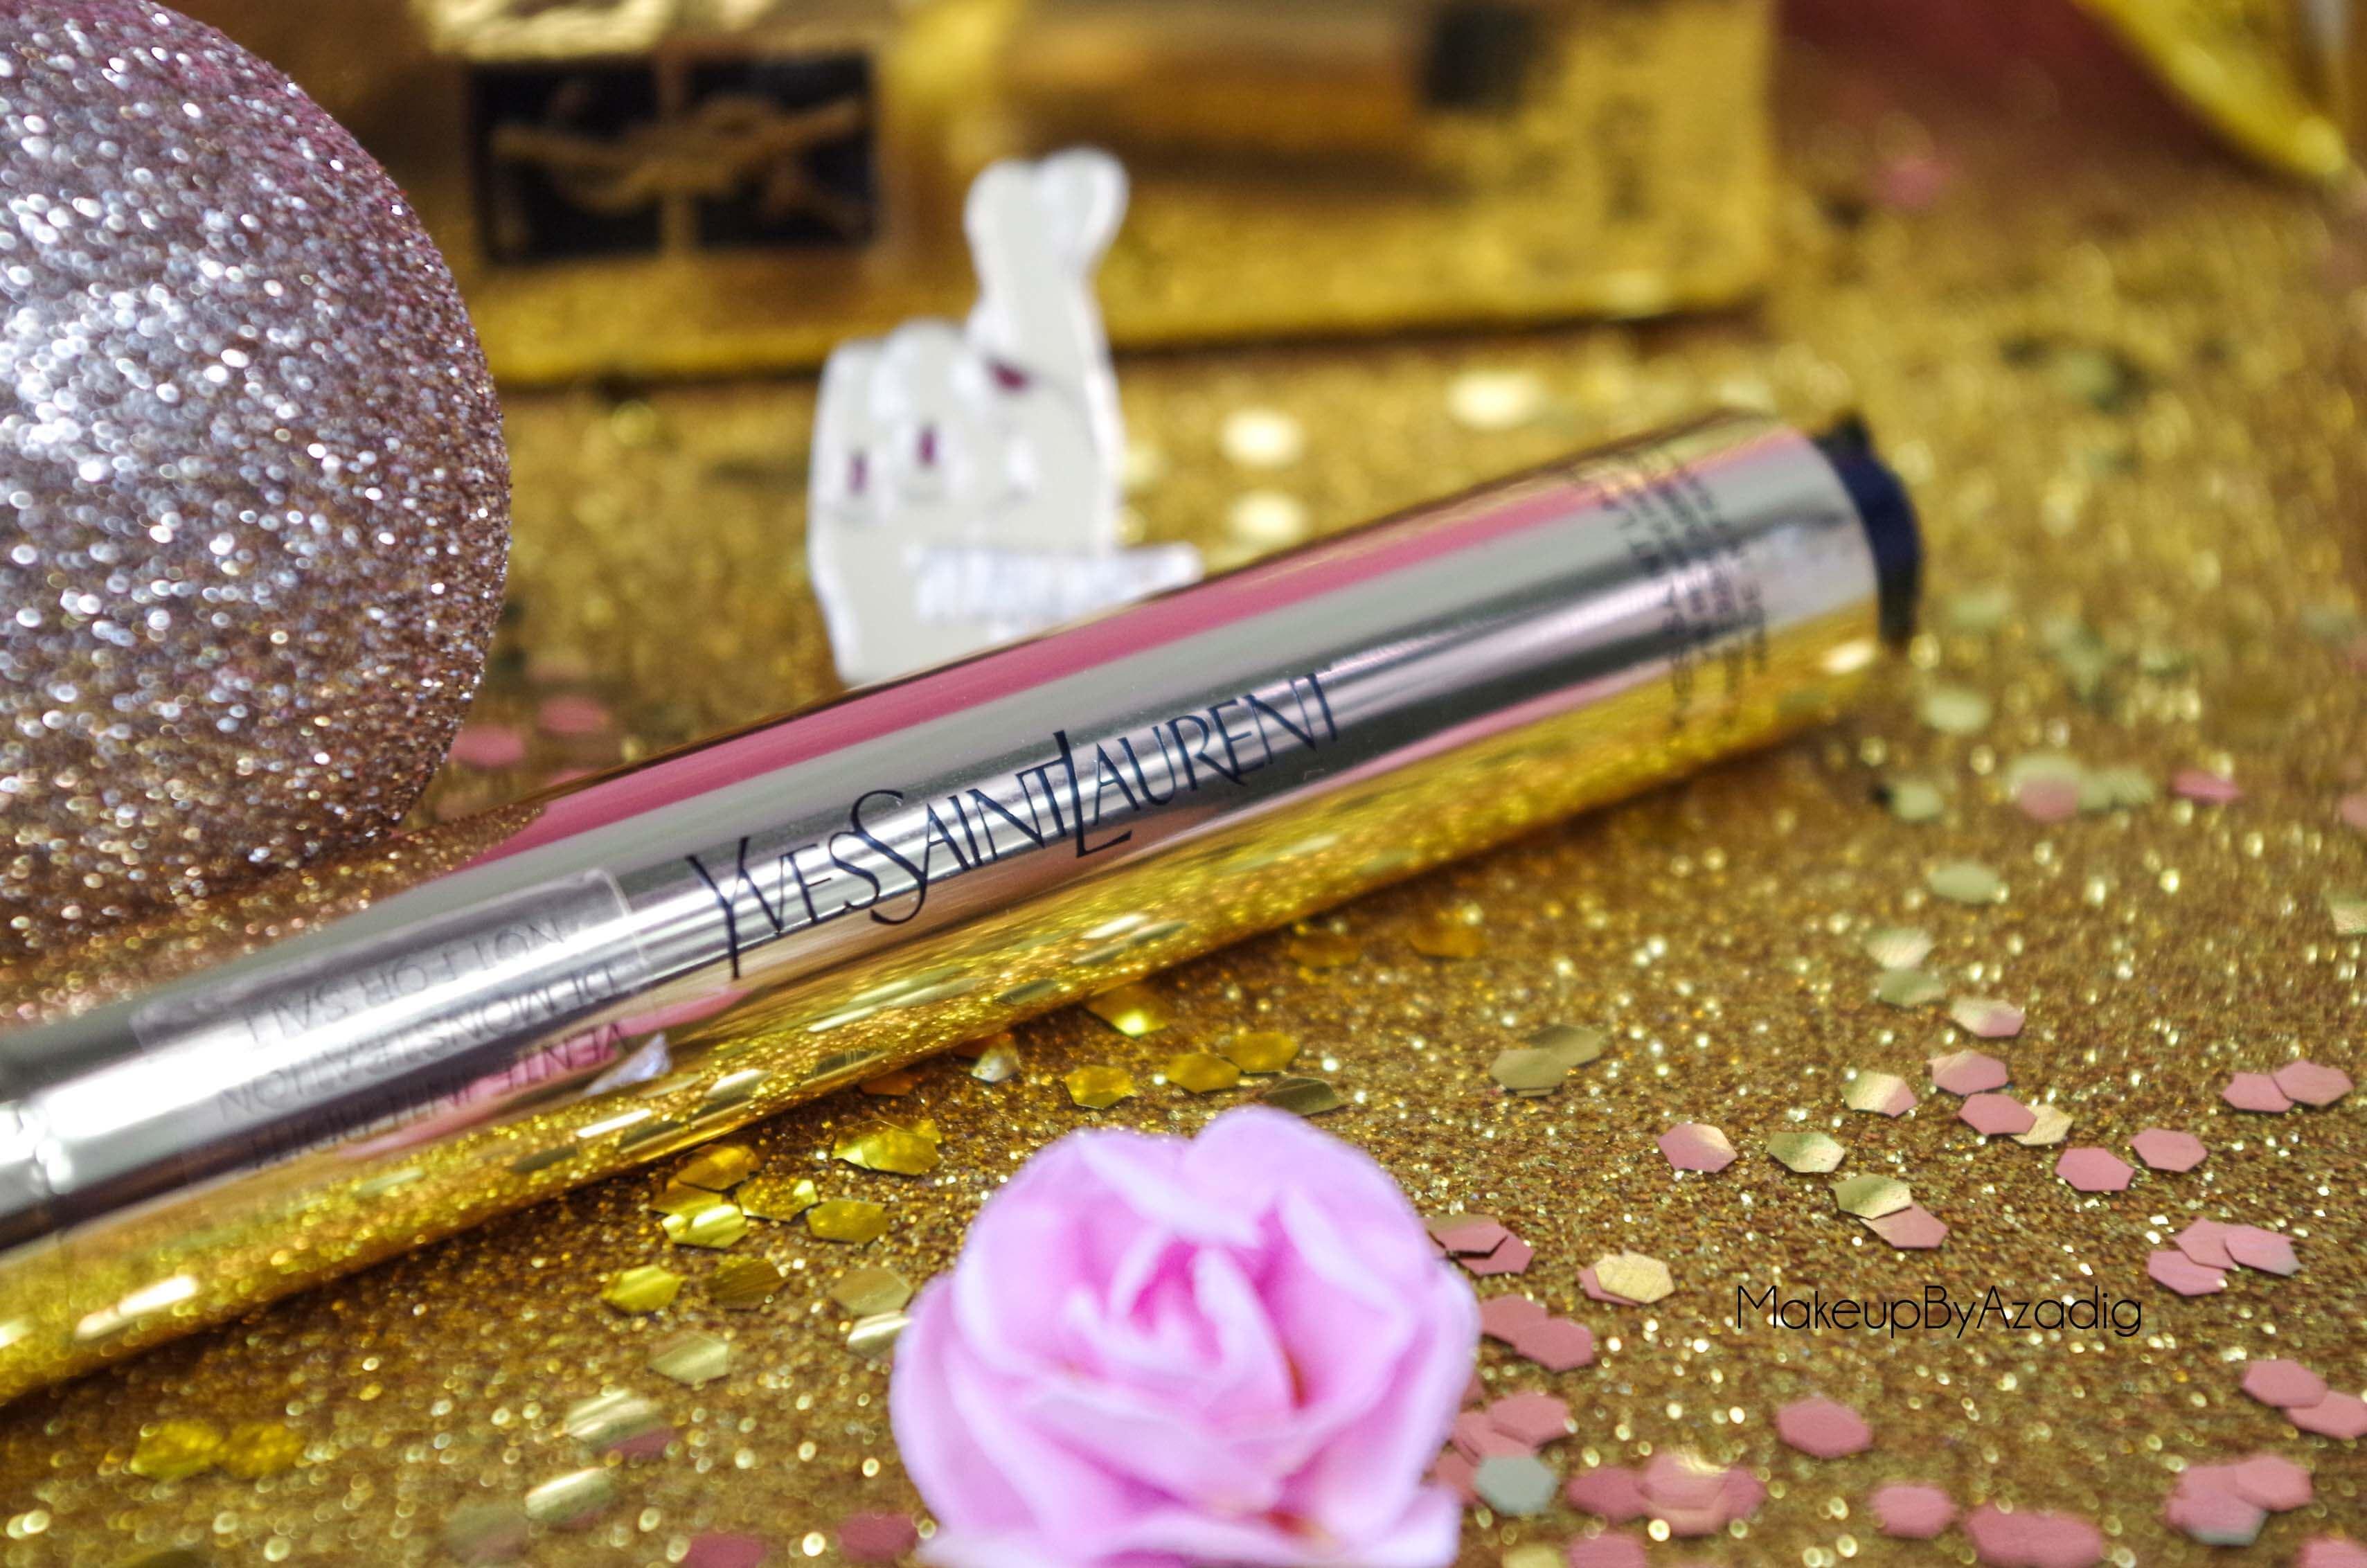 luxe-stylo-touche-eclat-radiant-touch-enlumineur-yves-saint-laurent-ysl-revue-review-avis-prix-lucette-makeupbyazadig-nouvelle-collection